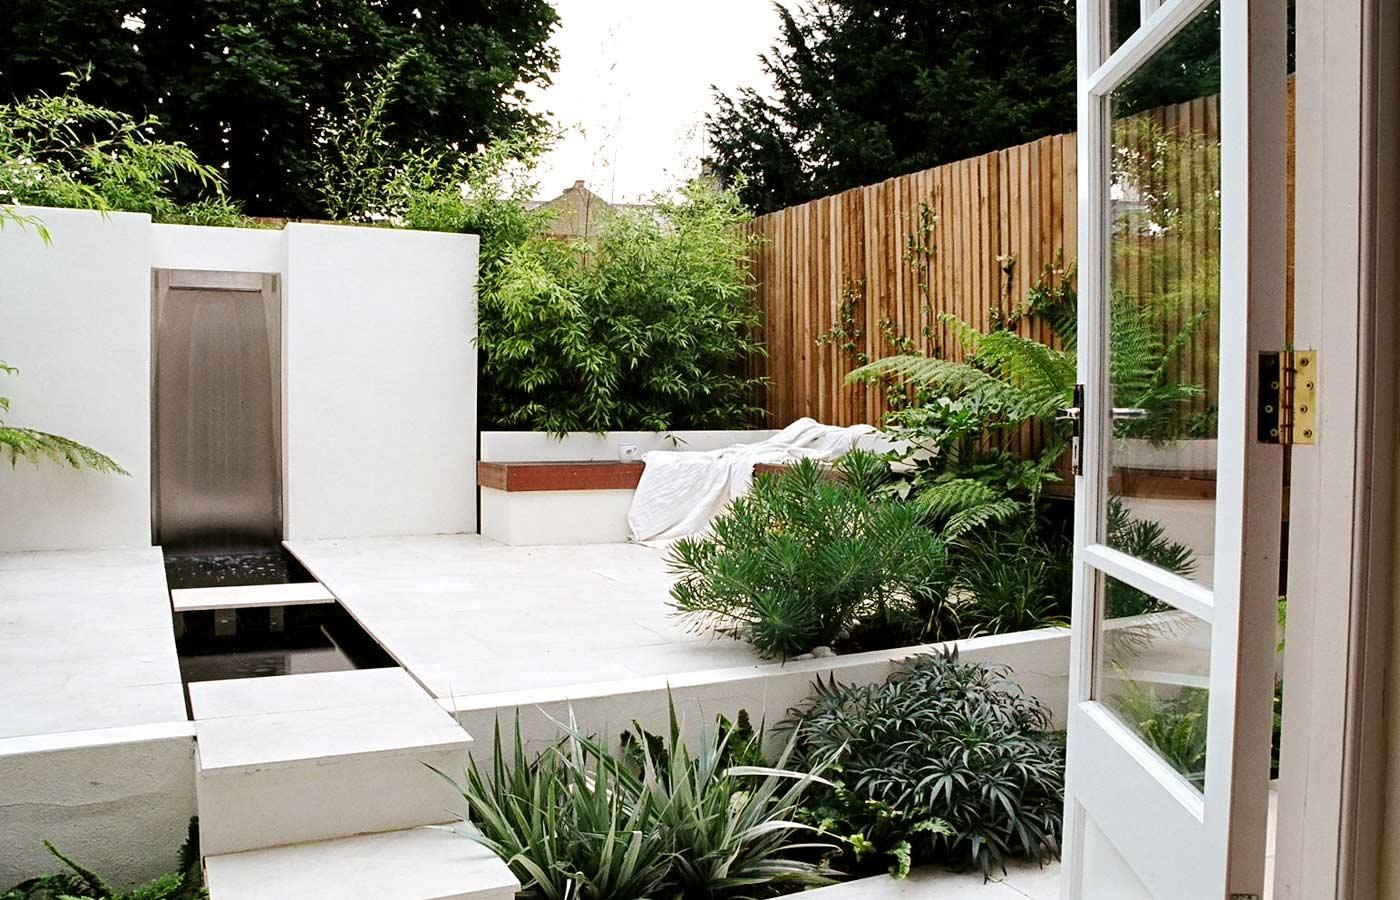 Savjeti za kreiranje malog urbanog vrta